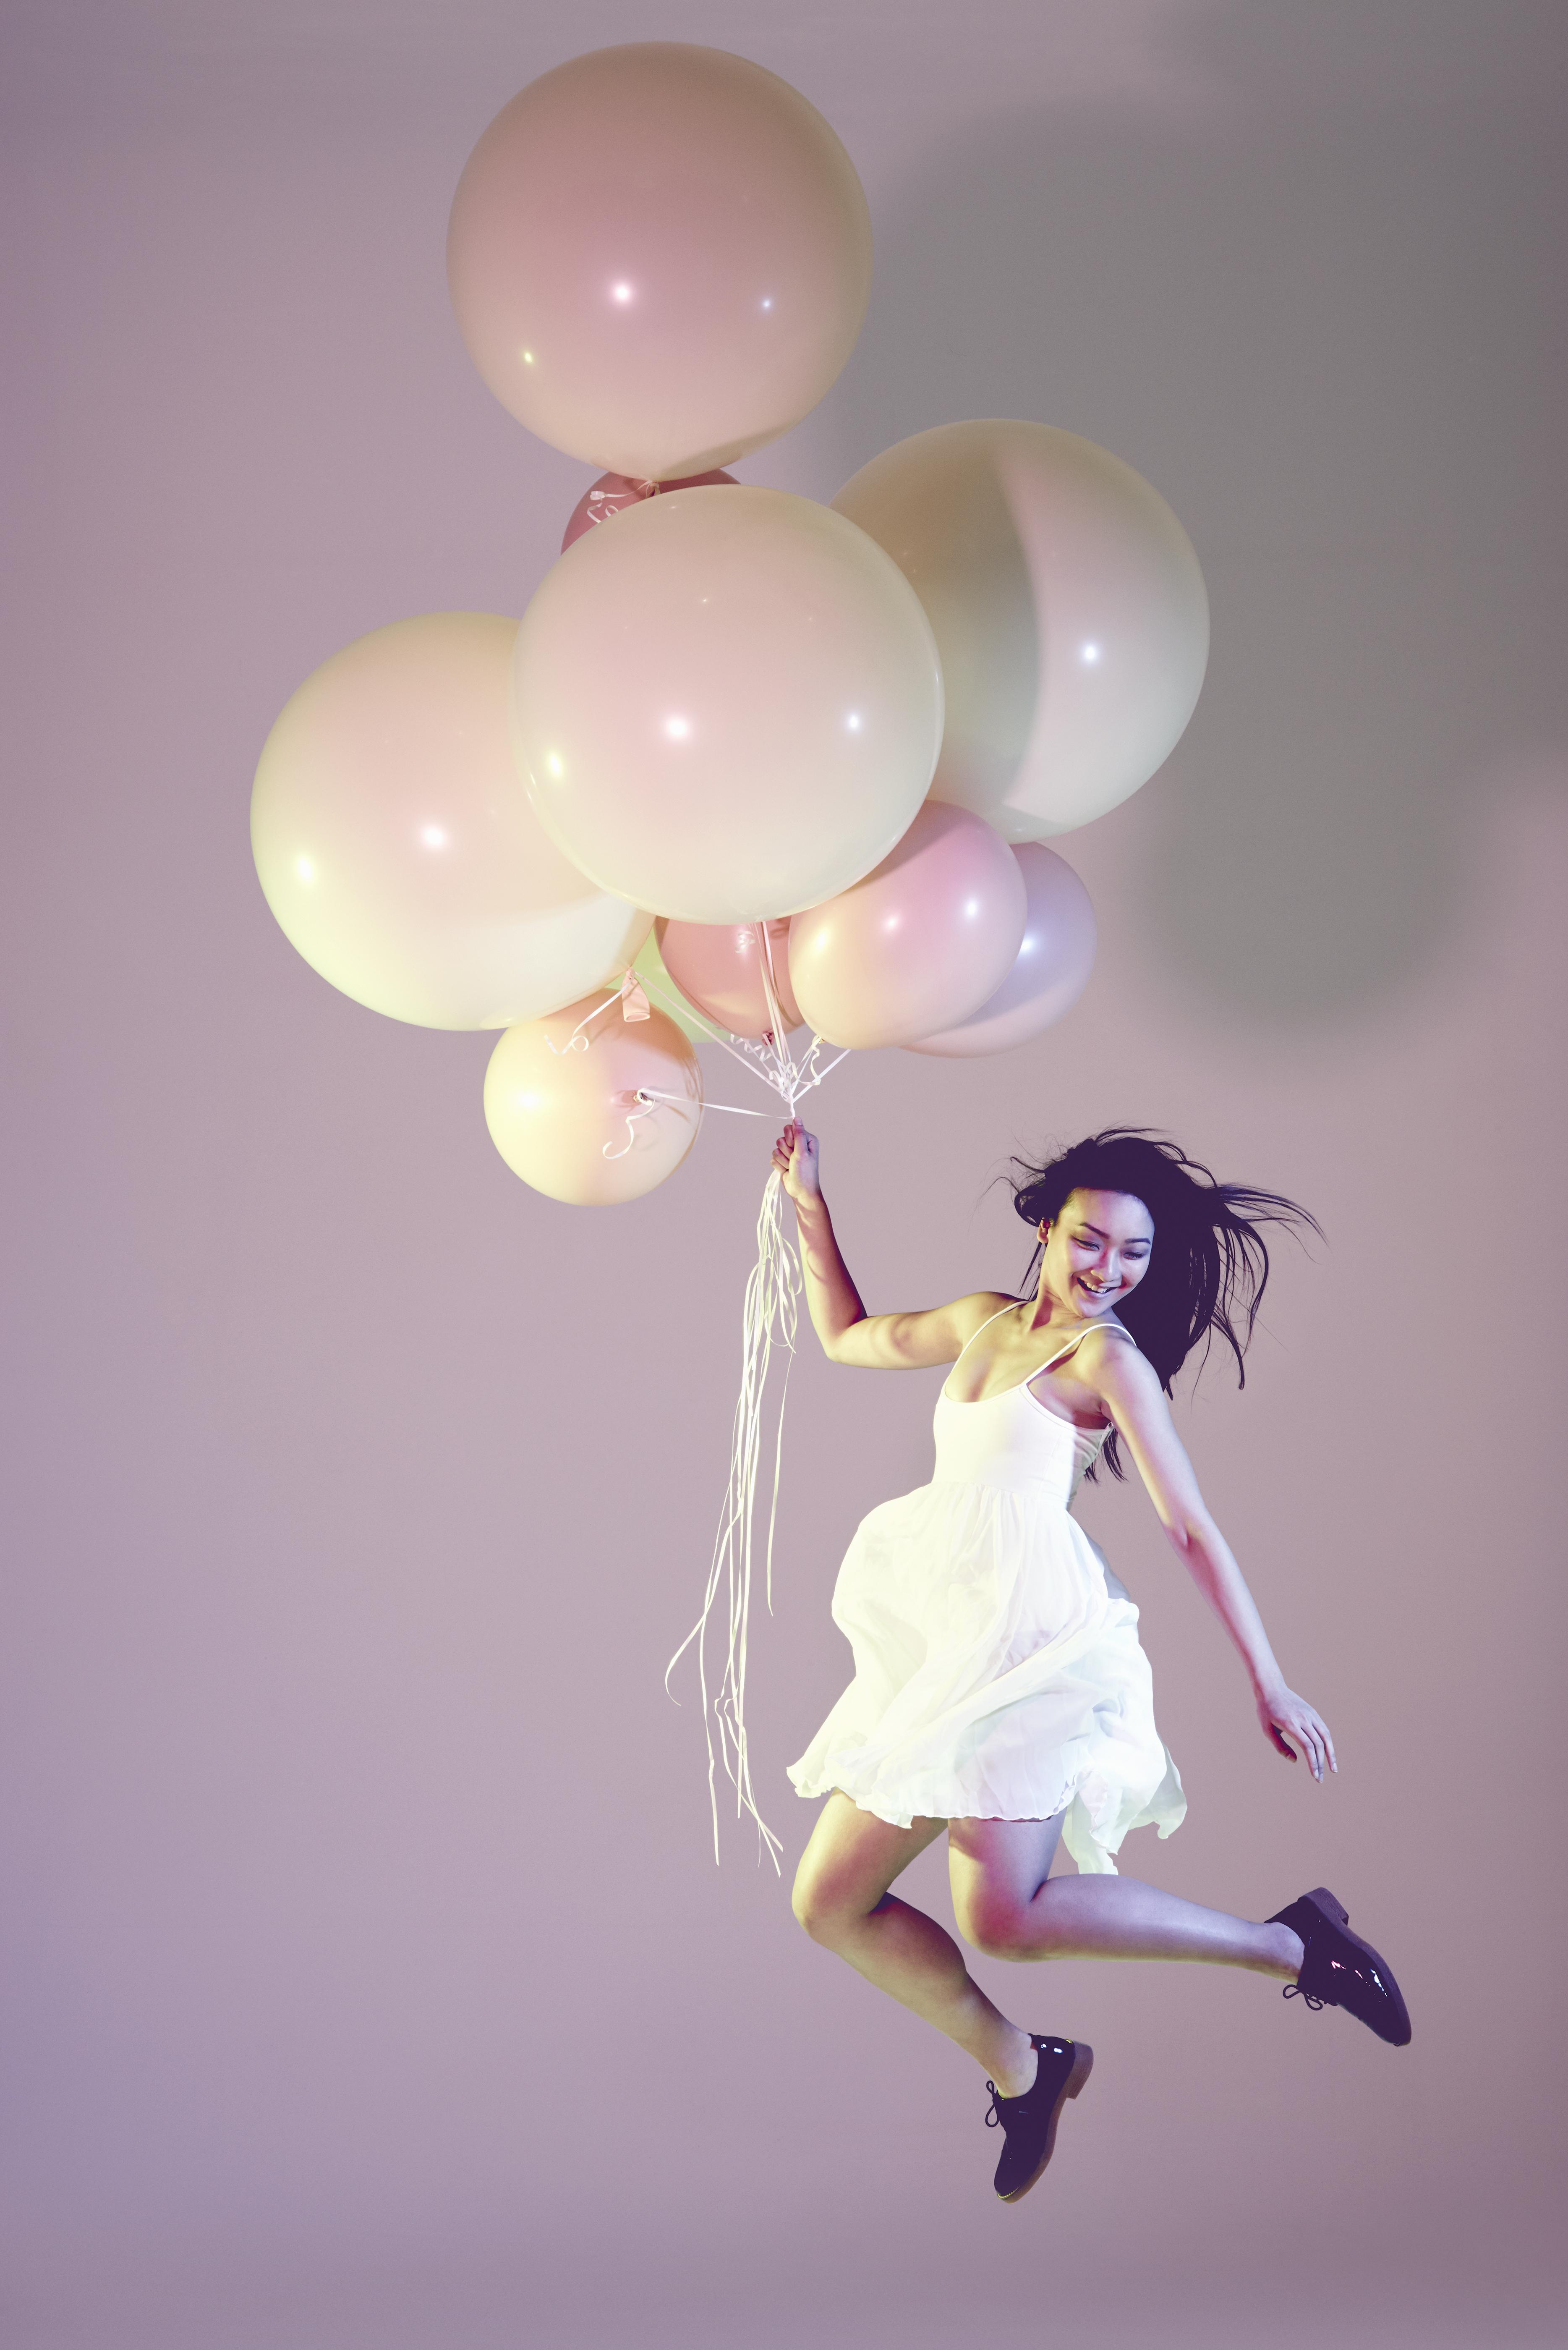 Shot_03_Getty_Dancer_118